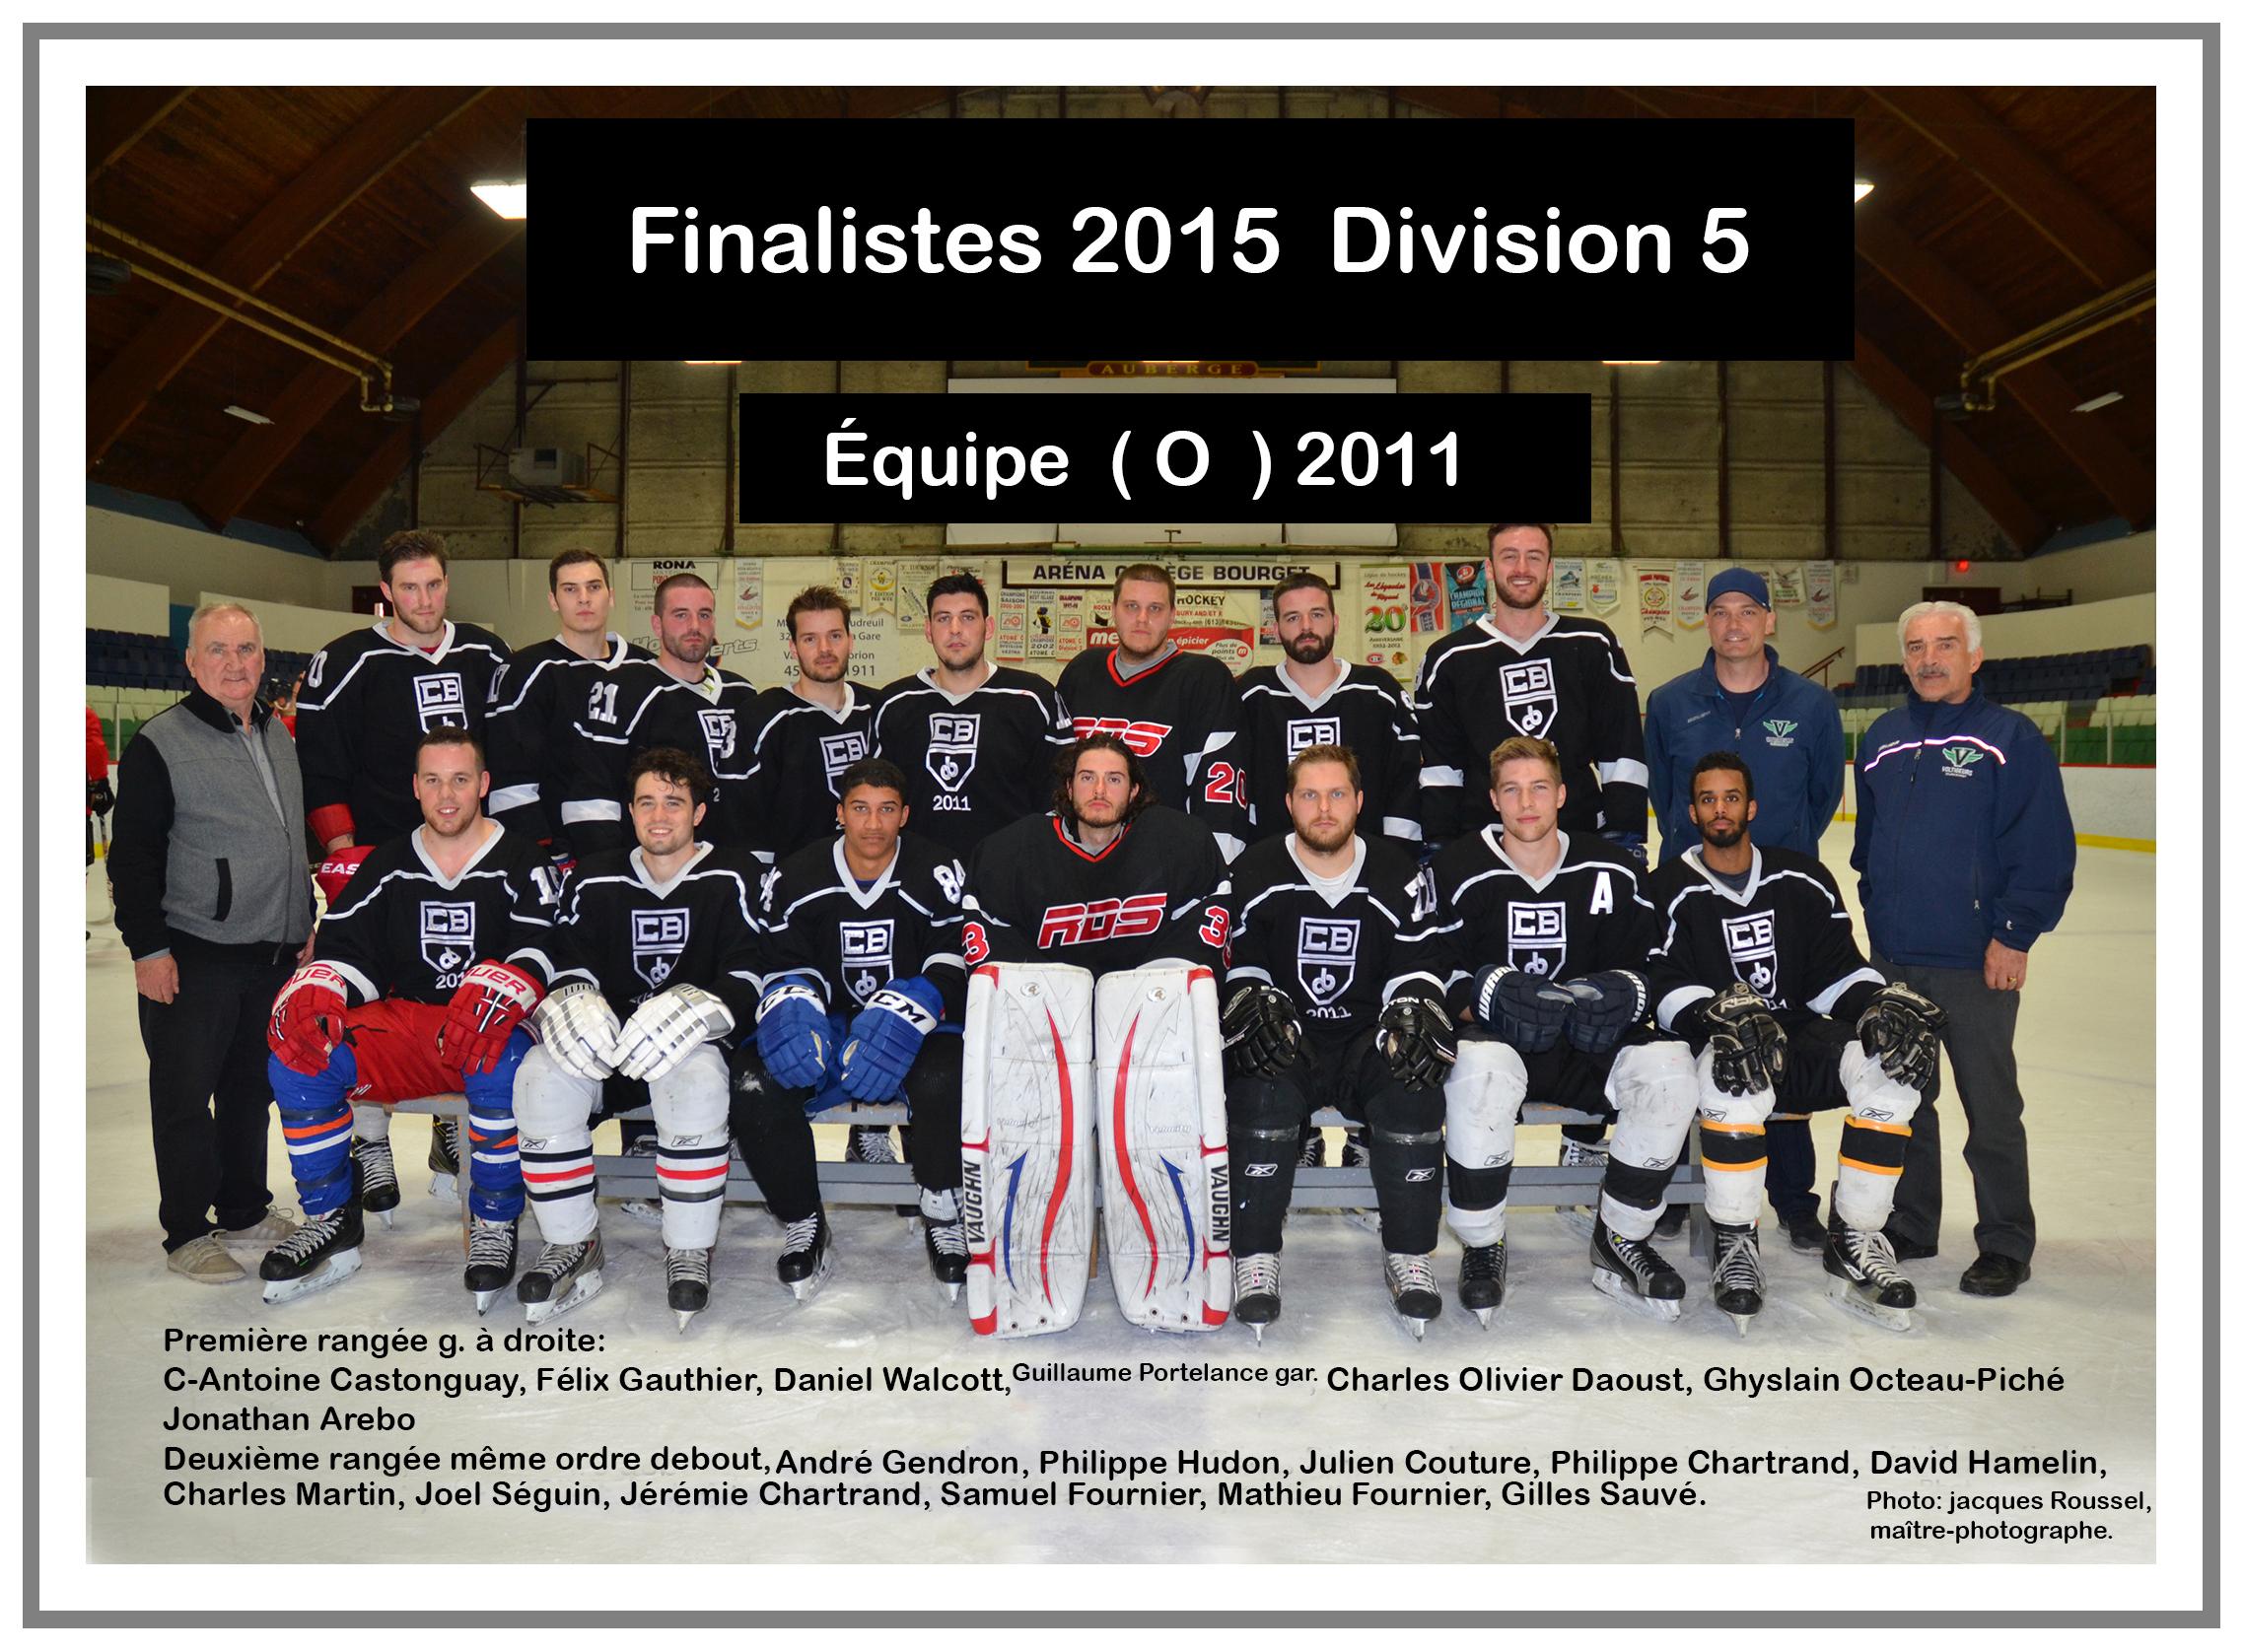 DSC_0128 finalistes division 5